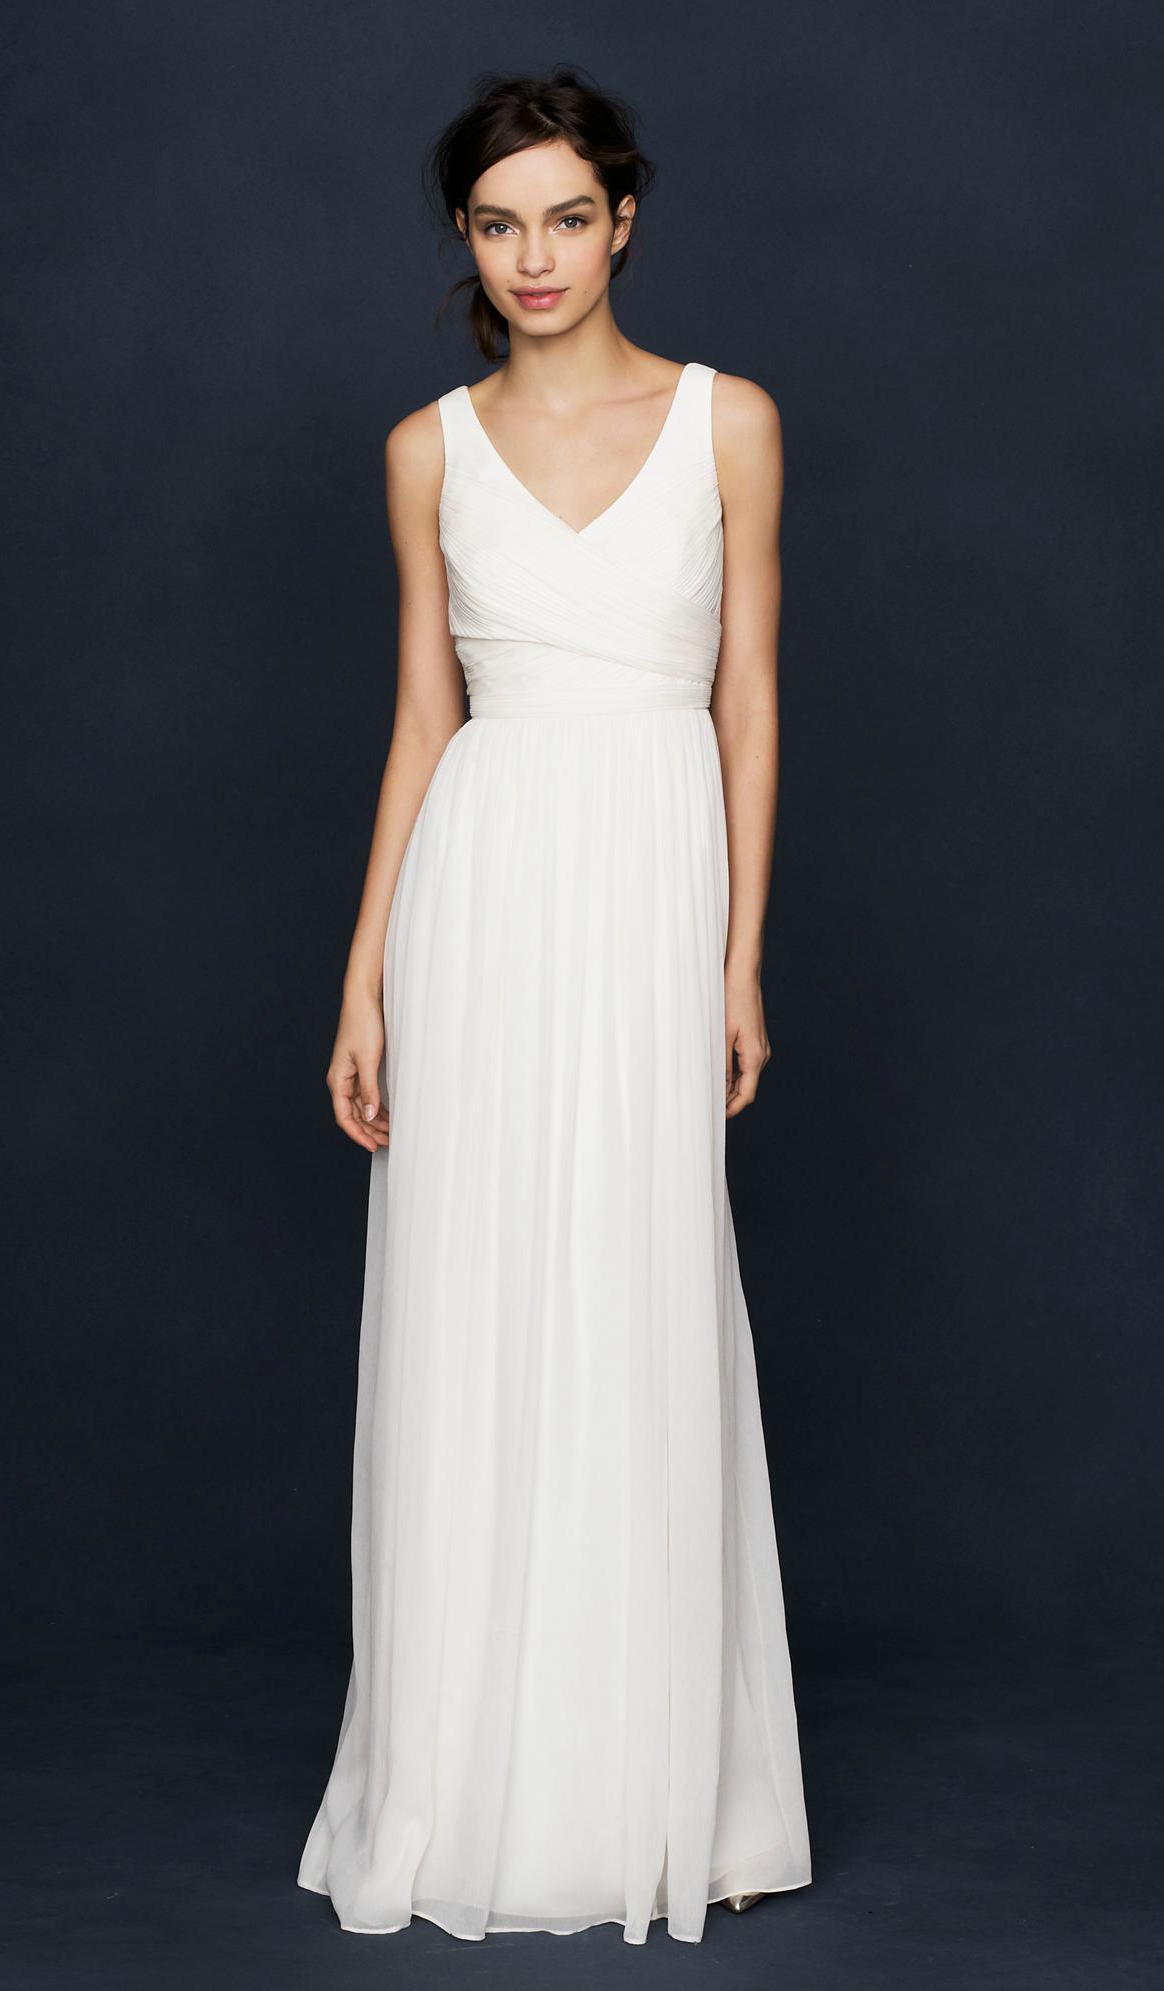 J.Crew Wedding Dresses: \'Heidi\' Chiffon bridal gown | Wedding ...